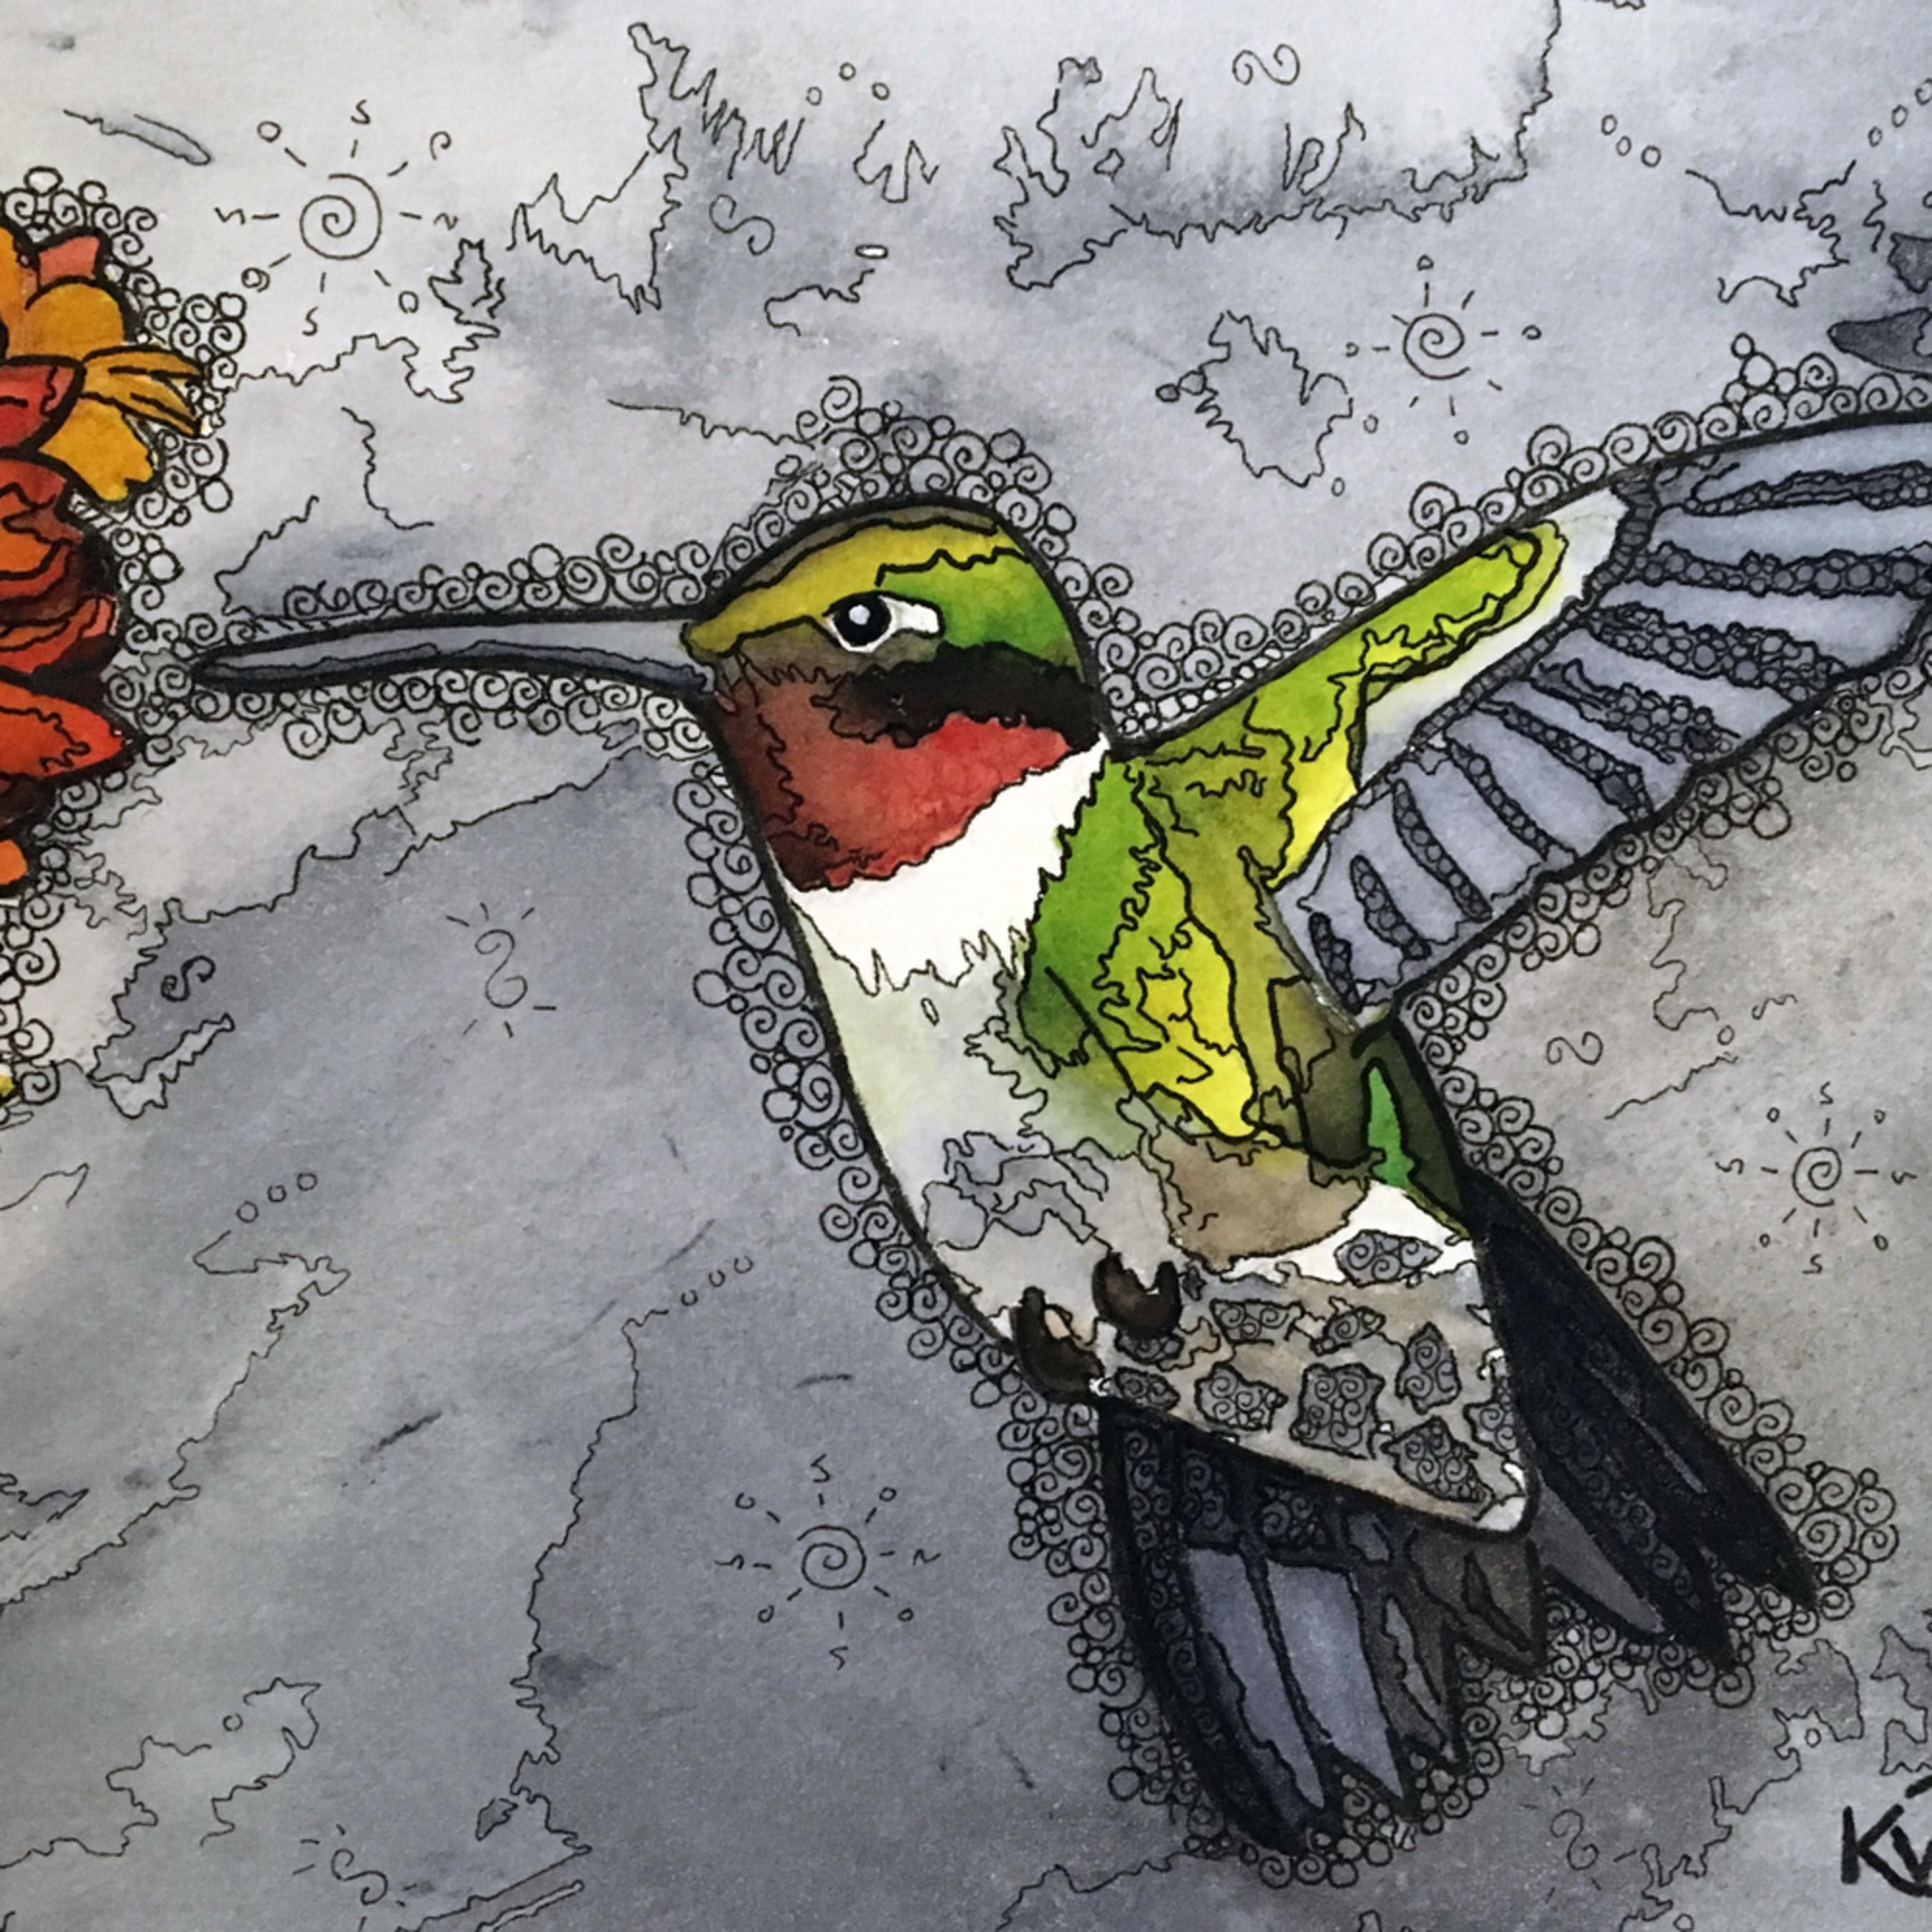 Hummingbird4 txhtvb